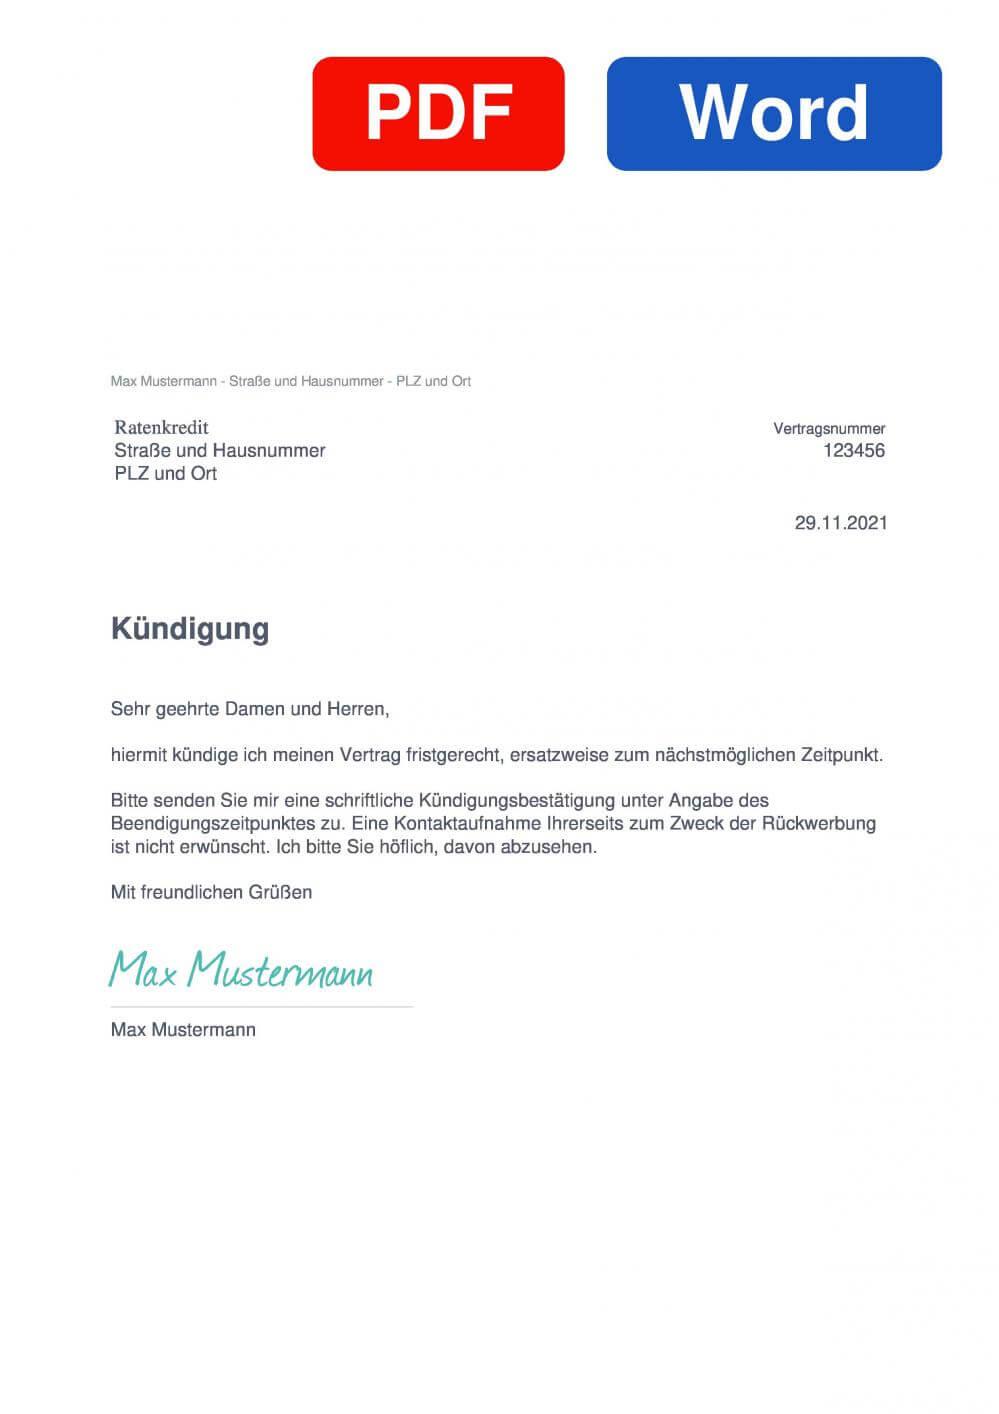 Ratenkredit Muster Vorlage für Kündigungsschreiben